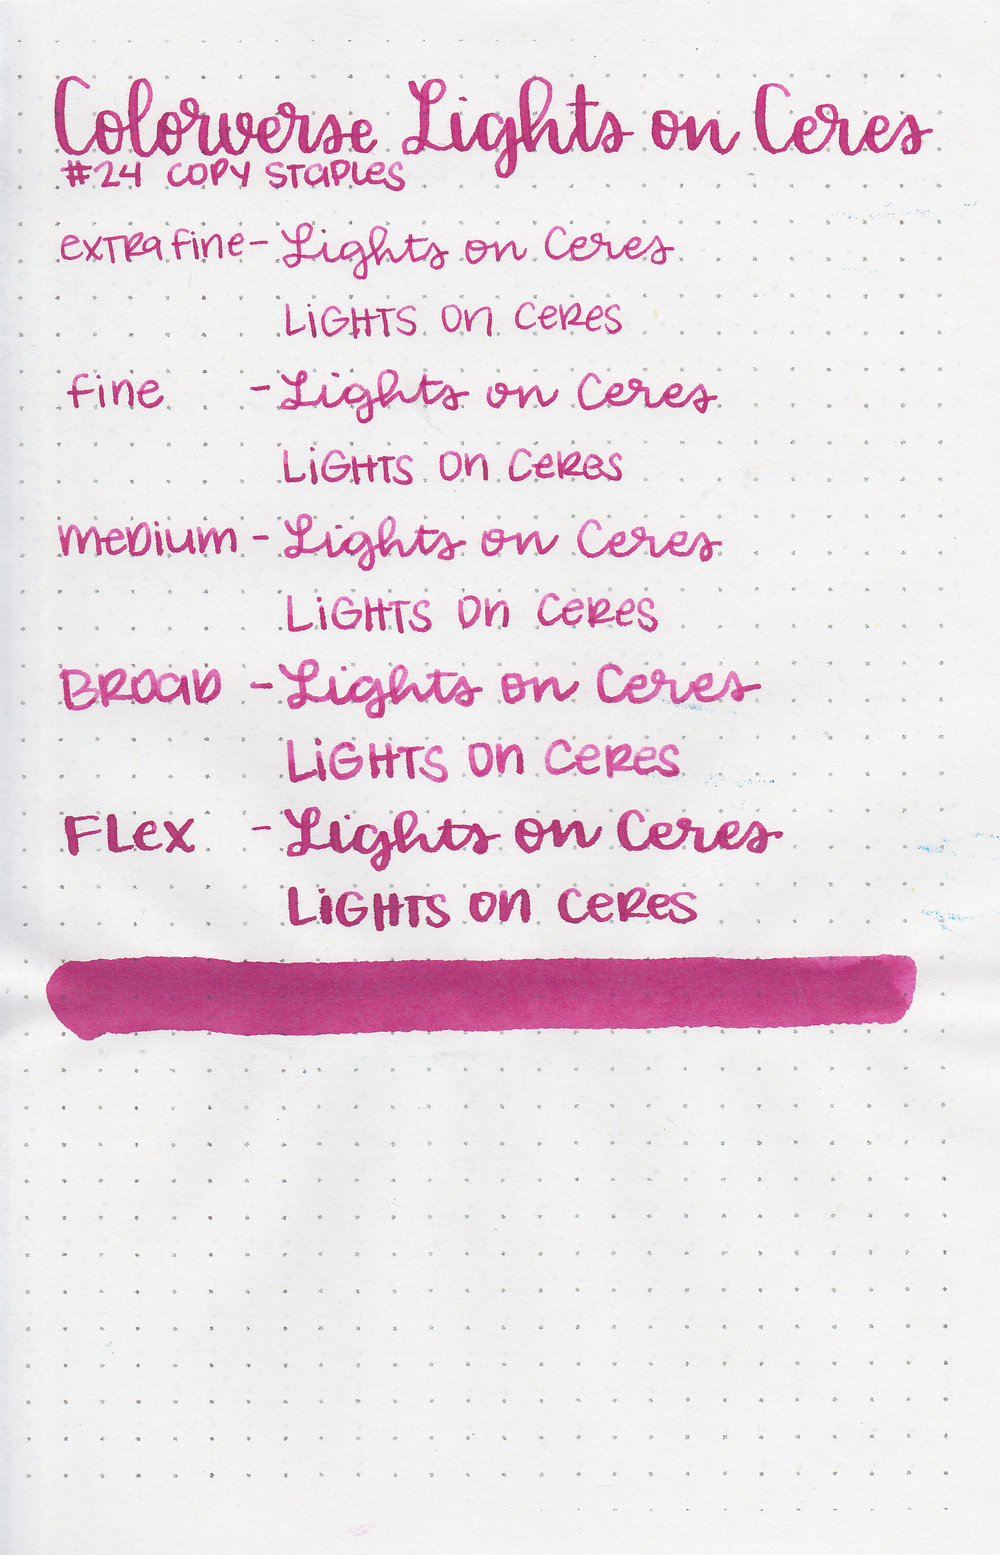 cv-lights-on-ceres-10.jpg